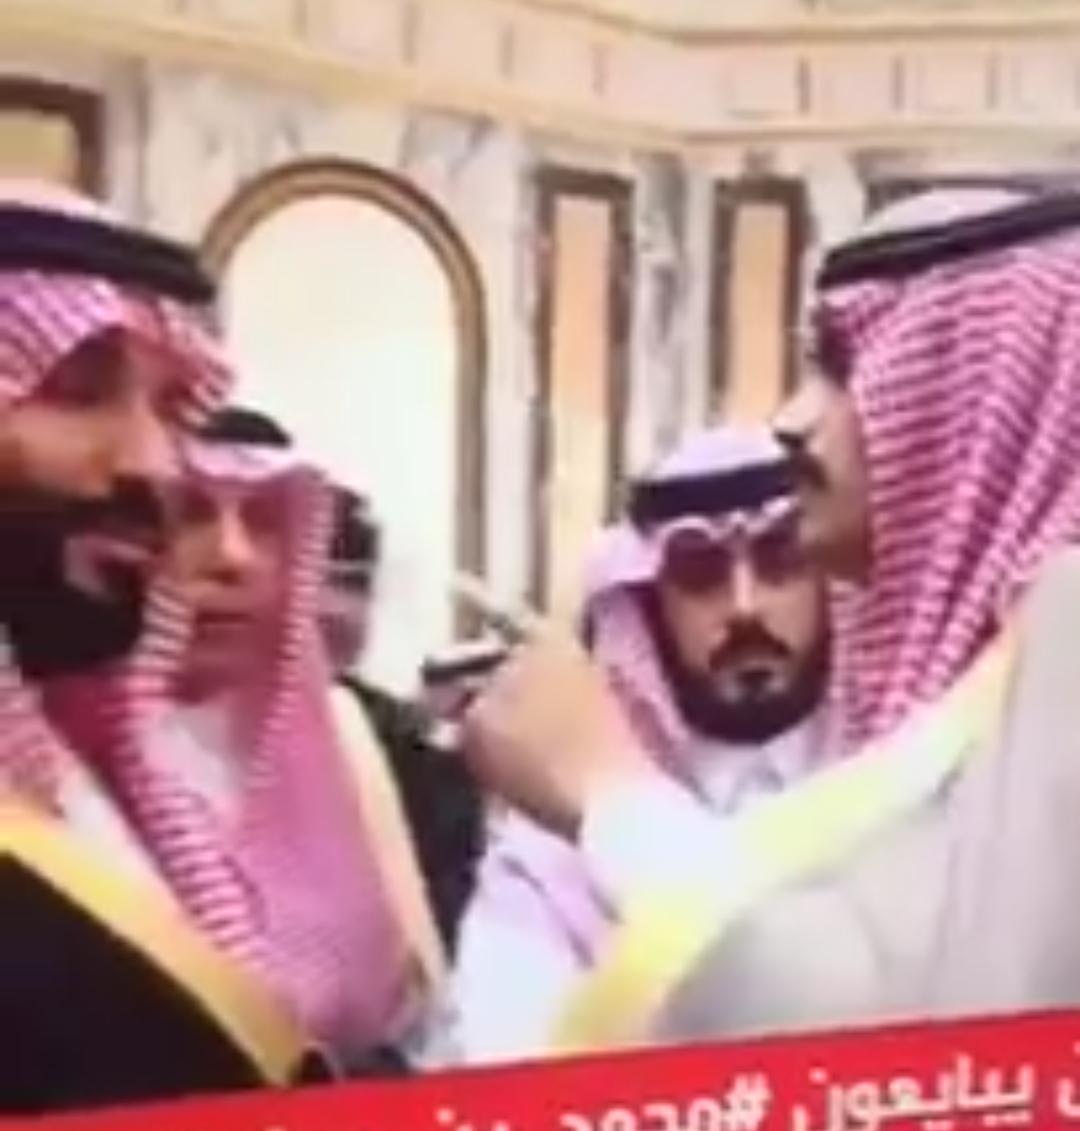 حقيقة مقطع الرجل الغاضب في مبايعة #ولي_العهد_الأمير_محمد_بن_سلمان